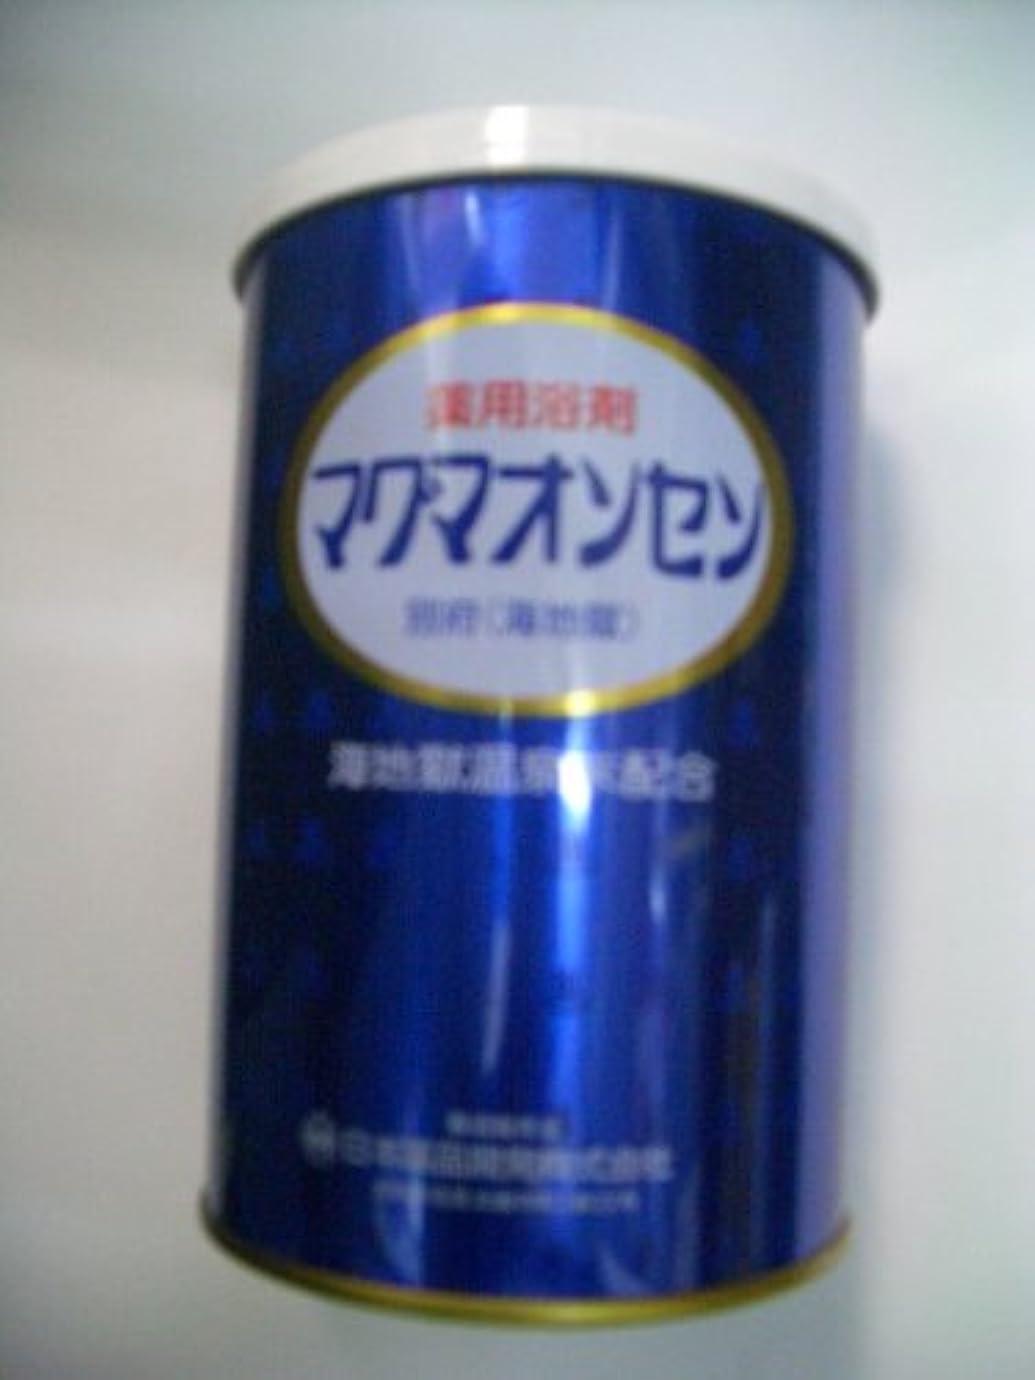 定刻素敵な不誠実別府温泉 【マグマ温泉】(海地獄)缶入500g 6個+1包